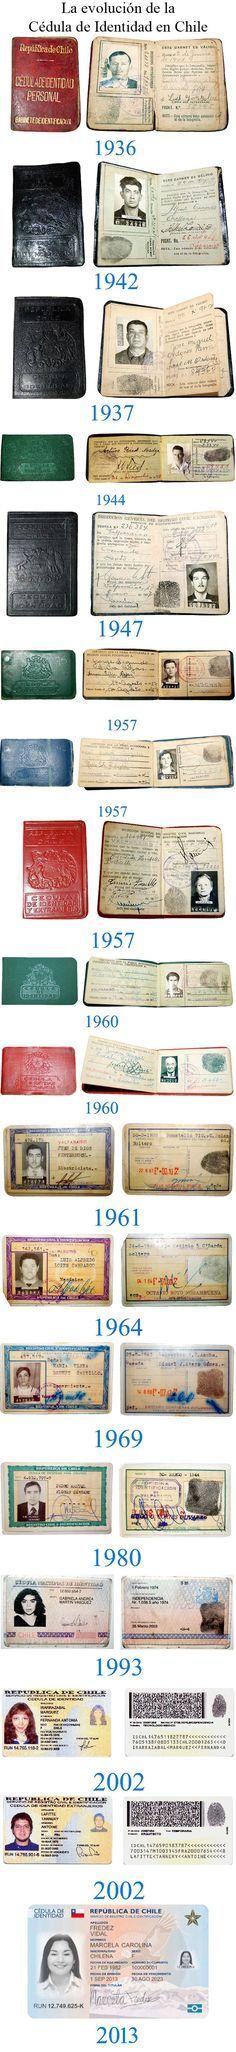 De una simple libreta a una tarjeta con microchip. Revisa la evolución de la cédula de identidad en #Chile.